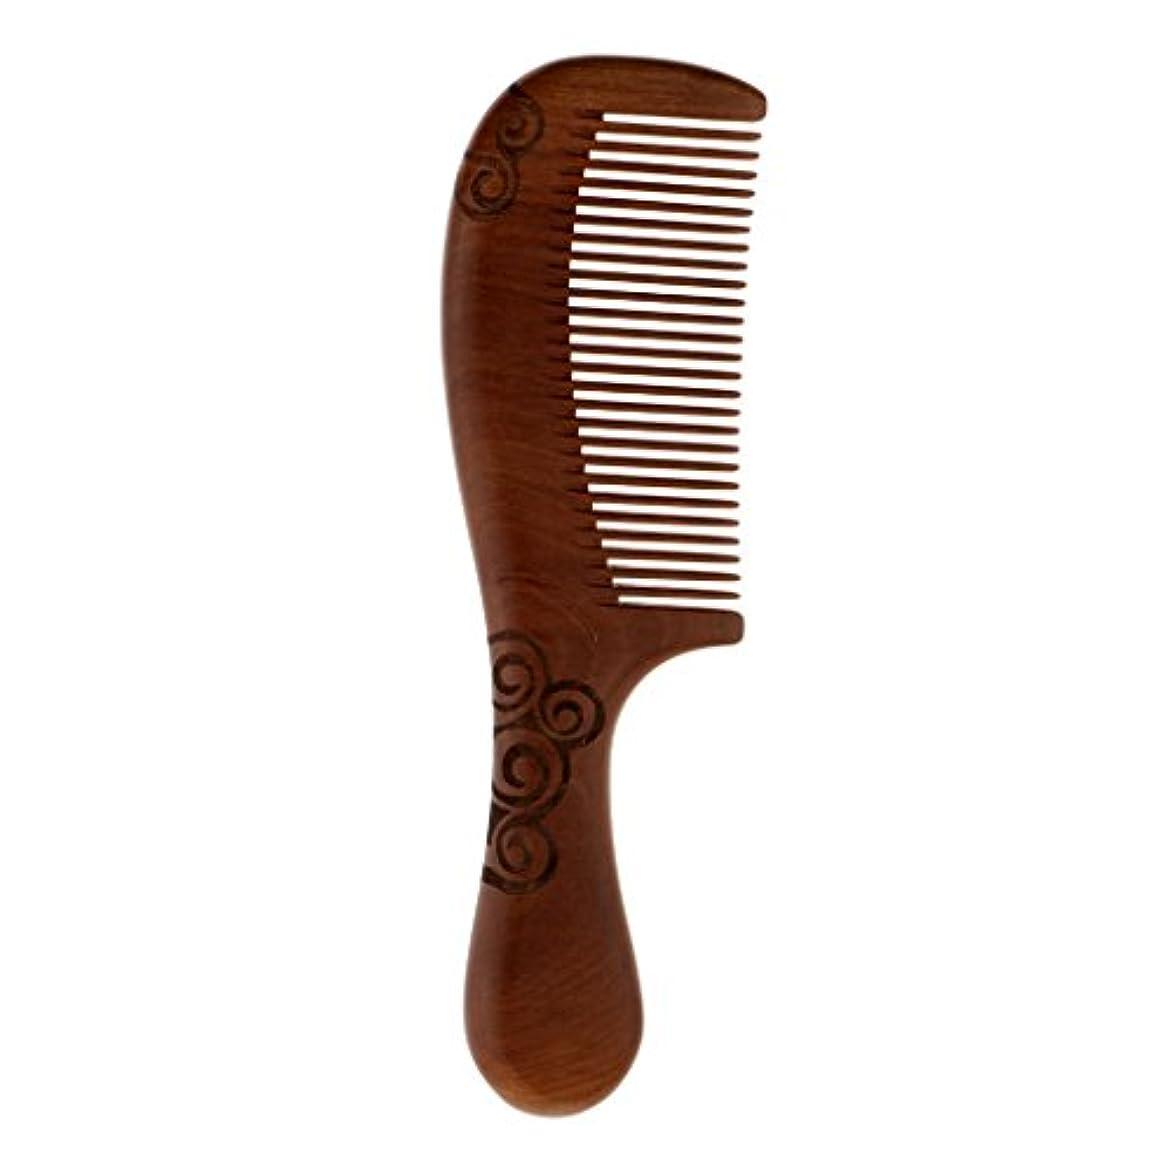 賞ピジン乱用ヘアコーム 櫛 木製 美髪ケア 頭皮マッサージ 帯電防止 髪の櫛 ヘアケア 頭皮に優しい